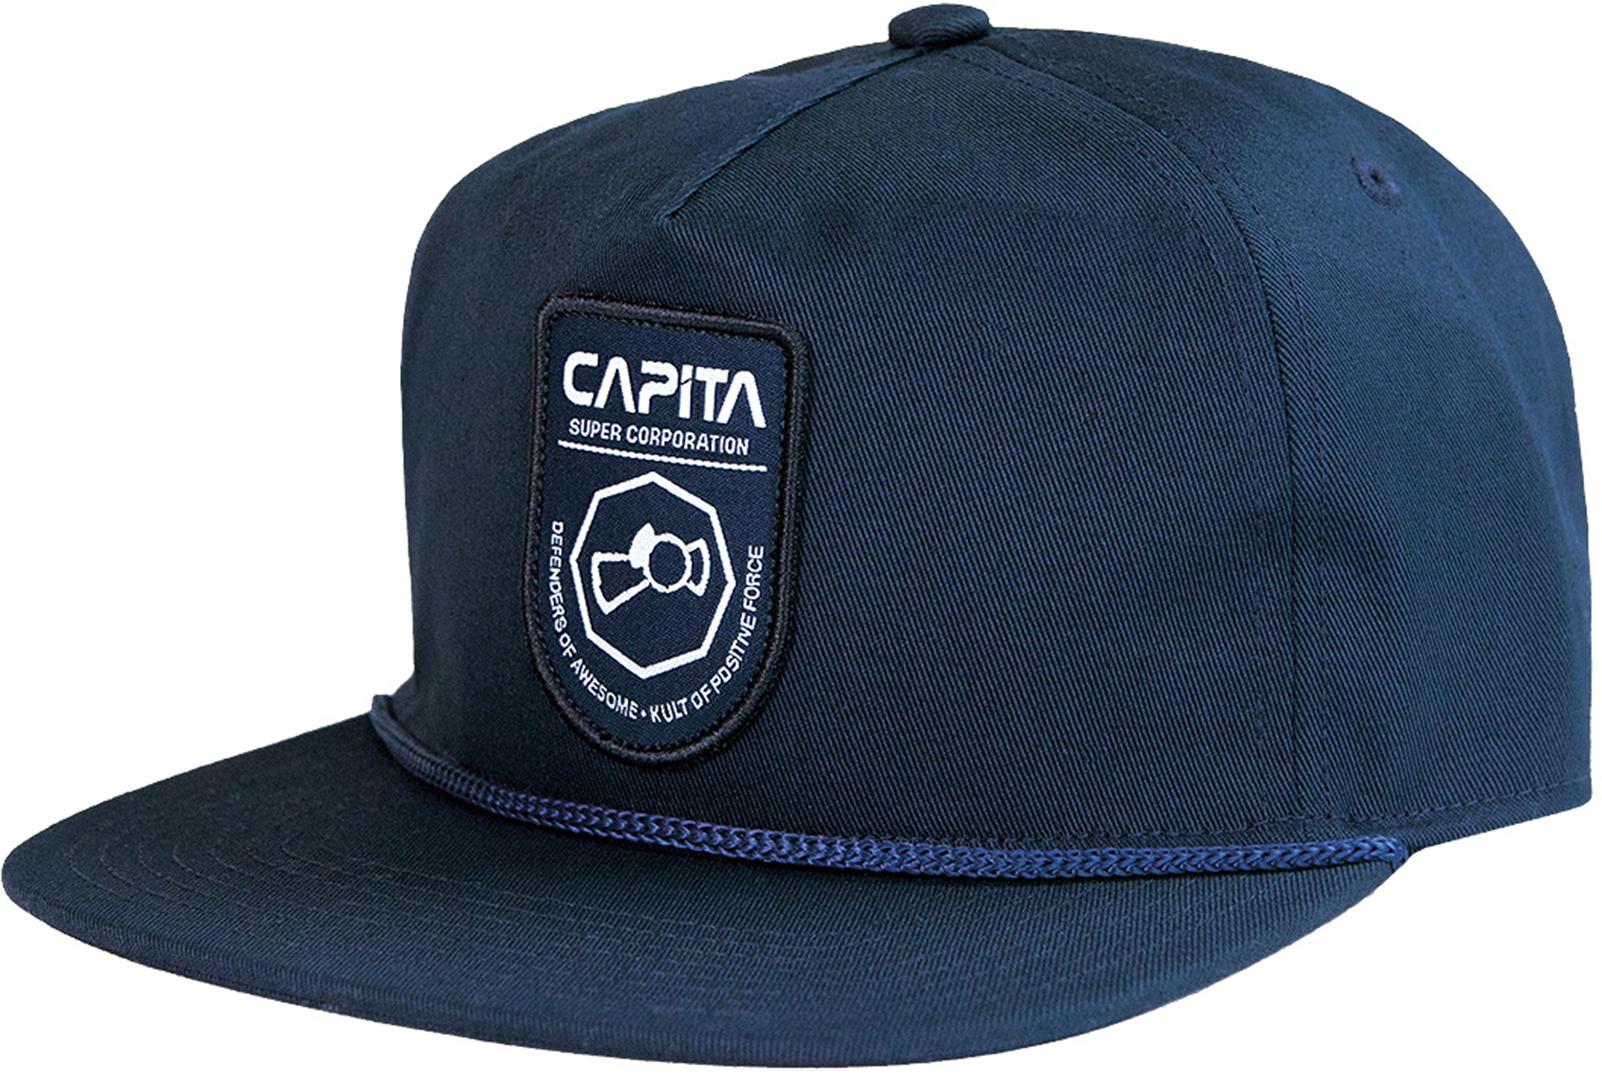 Capita META Cap 2019 navy  1e012352723